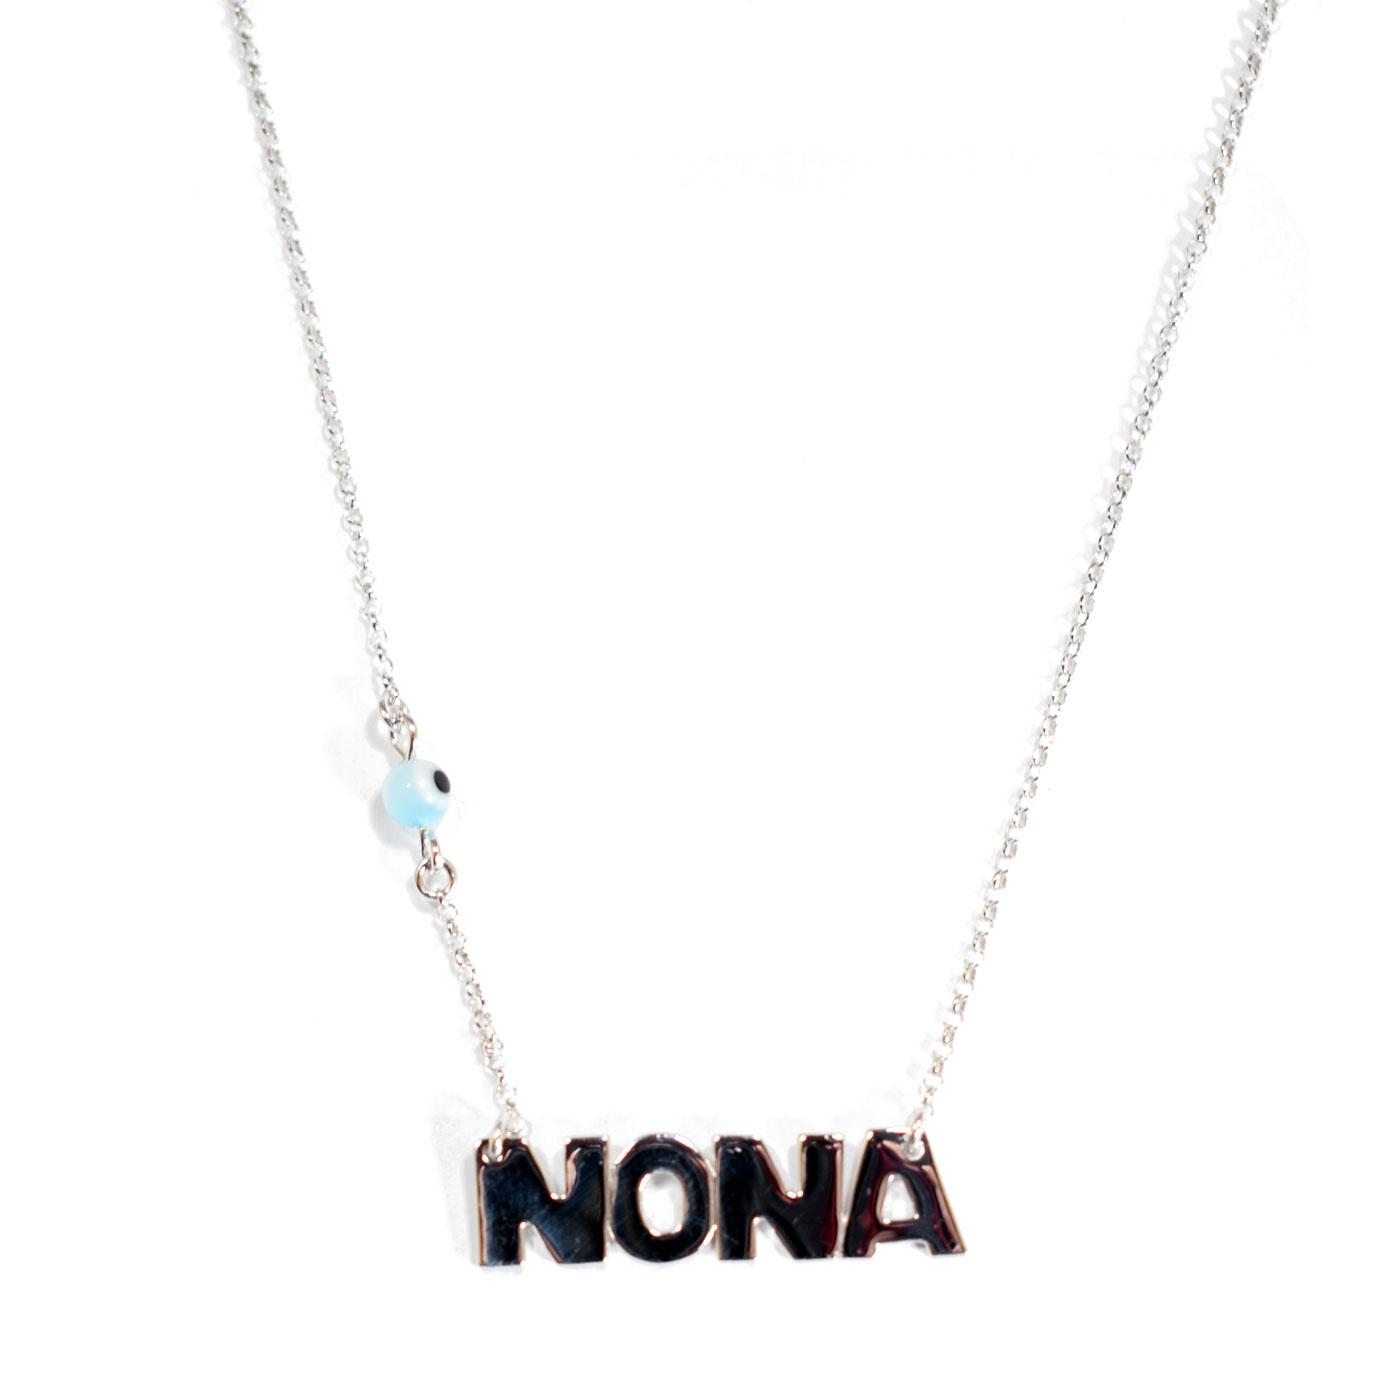 Χειροποίητο κολιέ (Νονά) από επιπλατινωμένο ασήμι 925ο με ημιπολύτιμες  πέτρες (Ματάκι).  IJ-Nona-Platinum  794bb683281